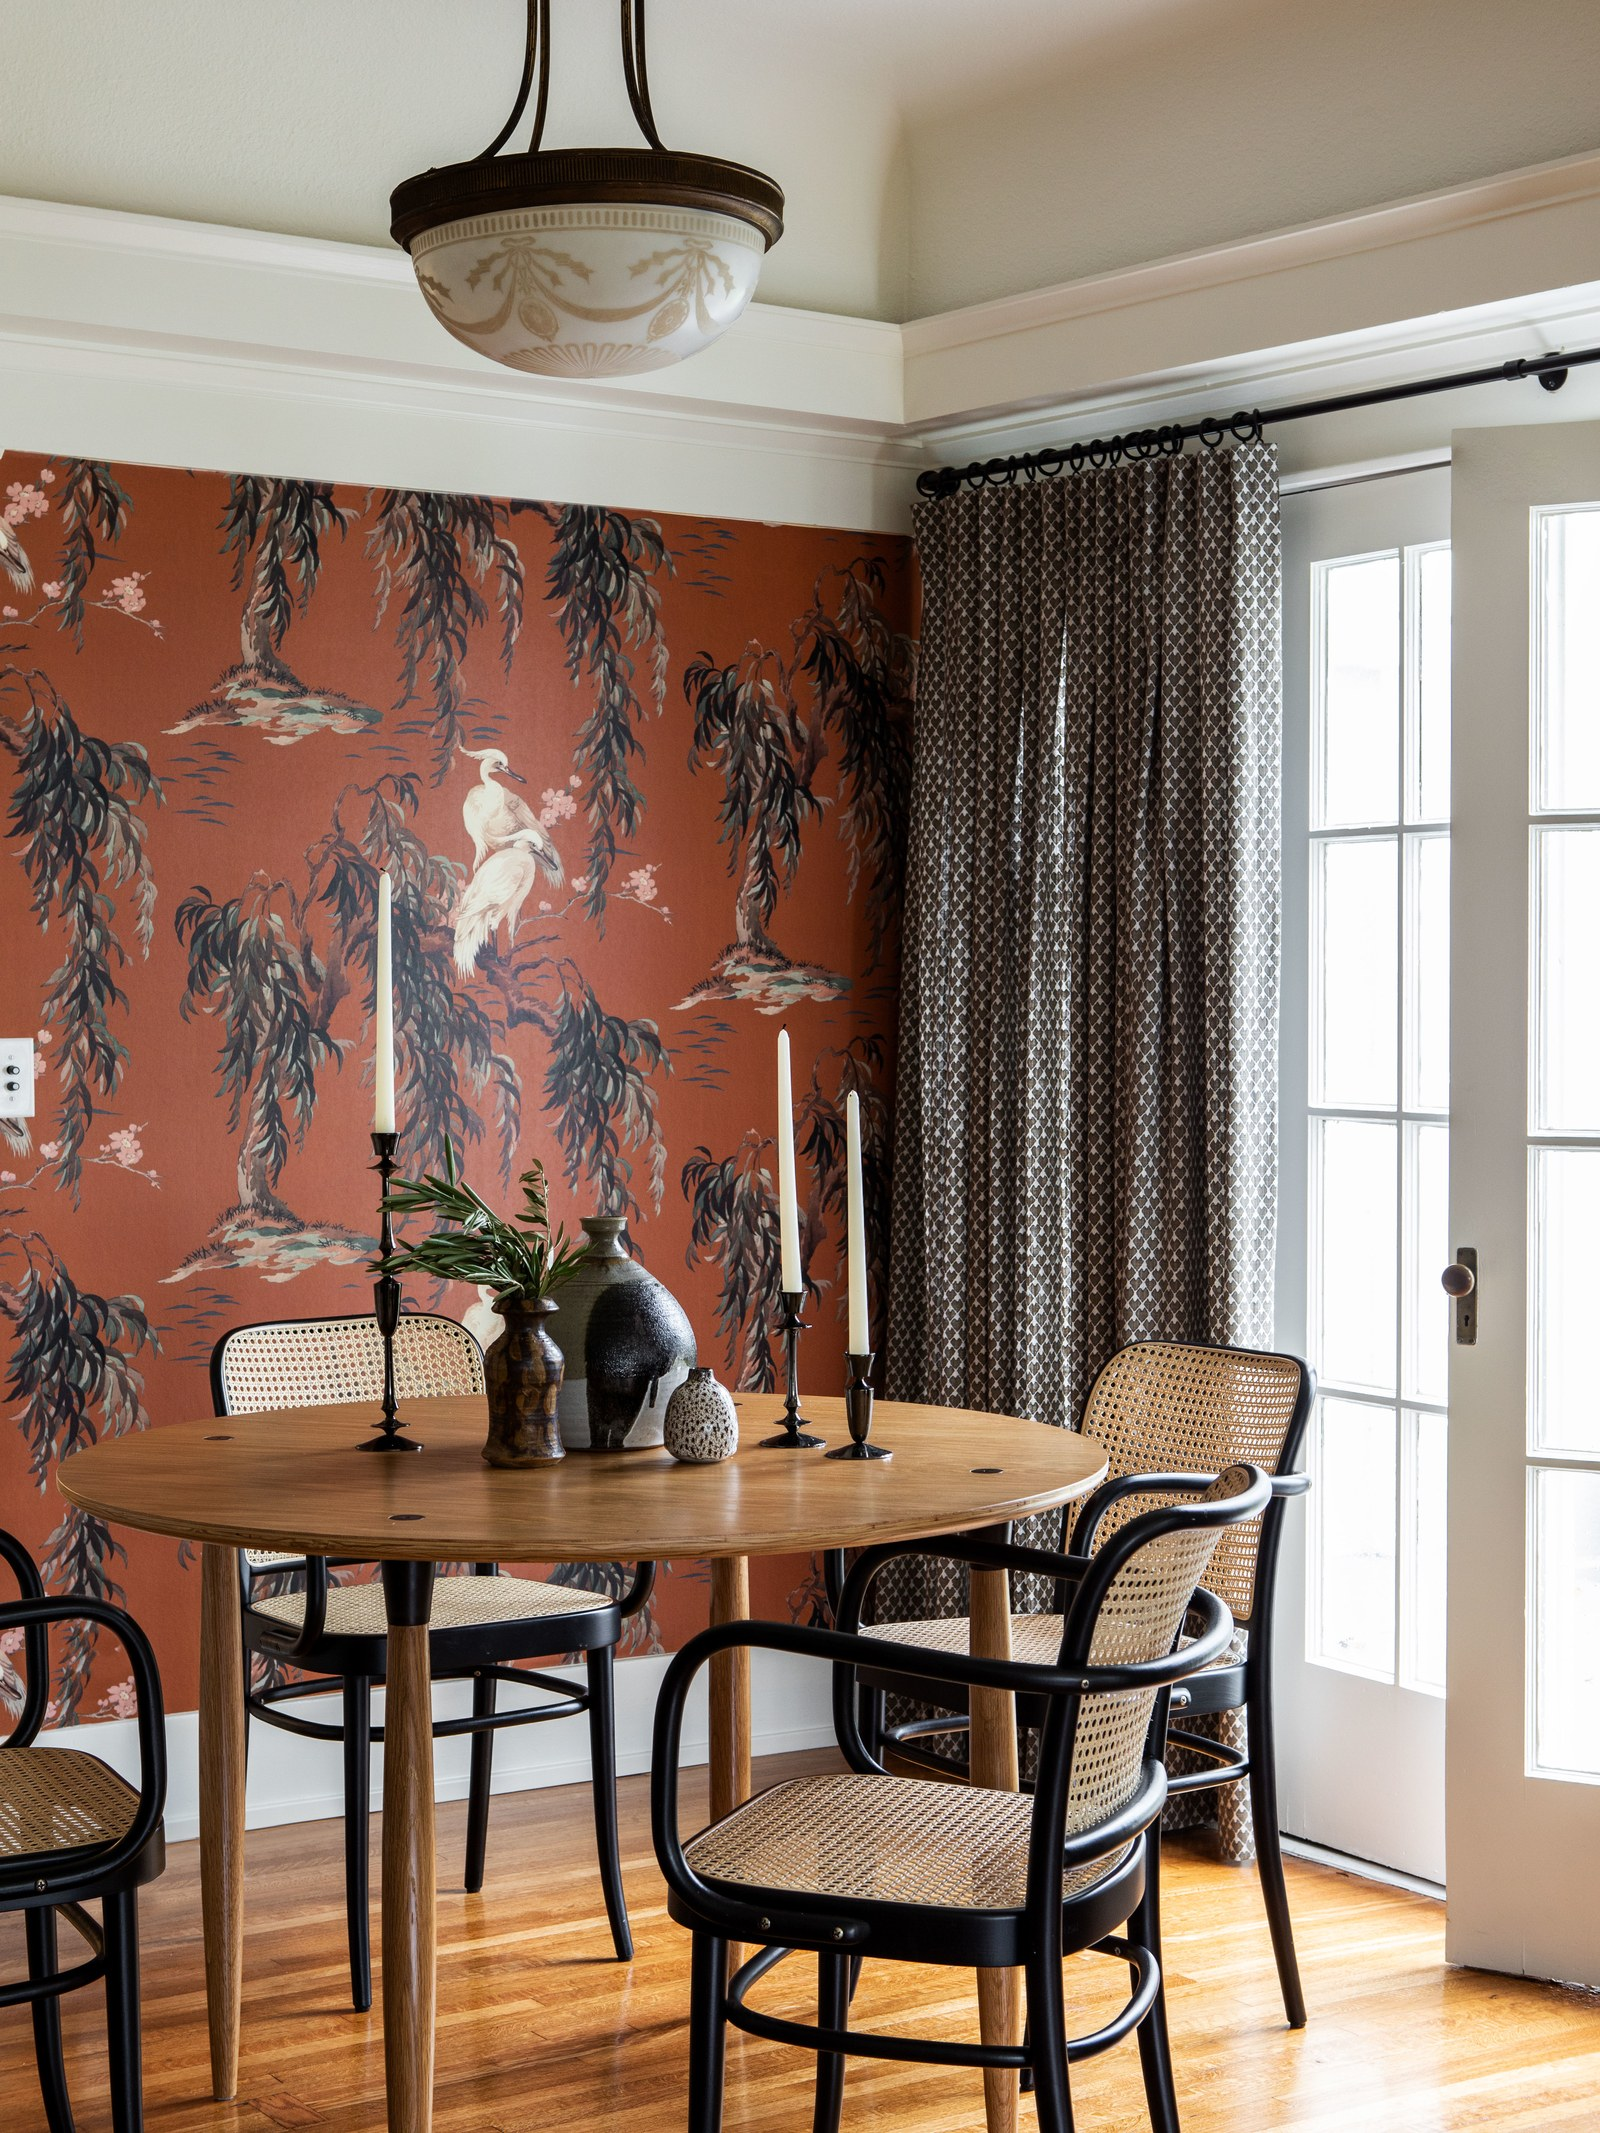 salle à manger classique avec mobilier moderne et grue Papier peint | visite de maison d'artisan historique moderne jacey duprie